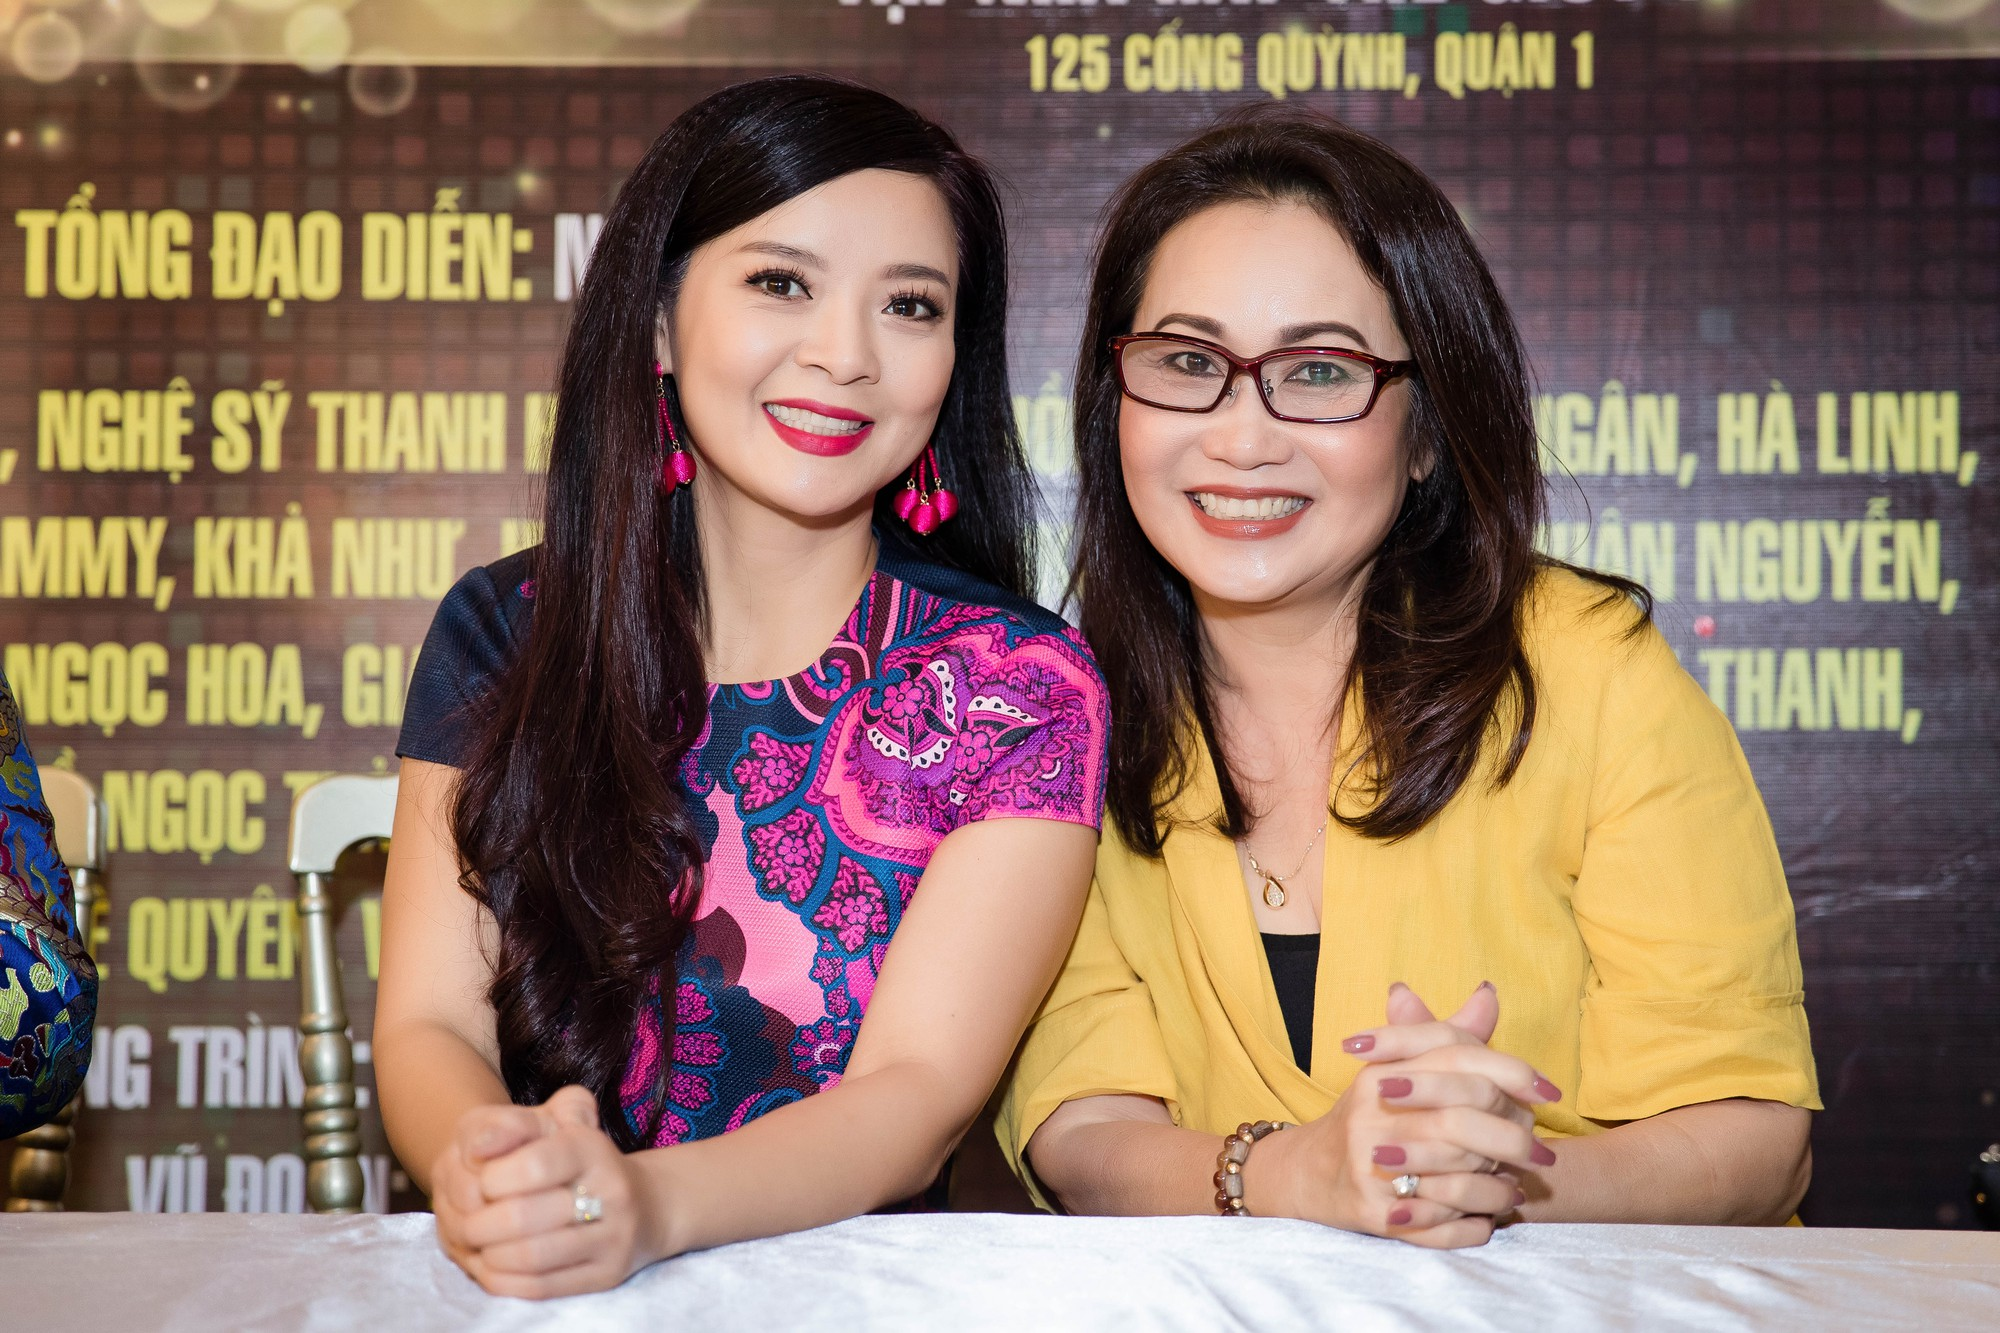 Gia Bảo cùng gia đình tài tử tổ chức minishow kỉ niệm 100 năm Cải lương Việt Nam - Ảnh 4.